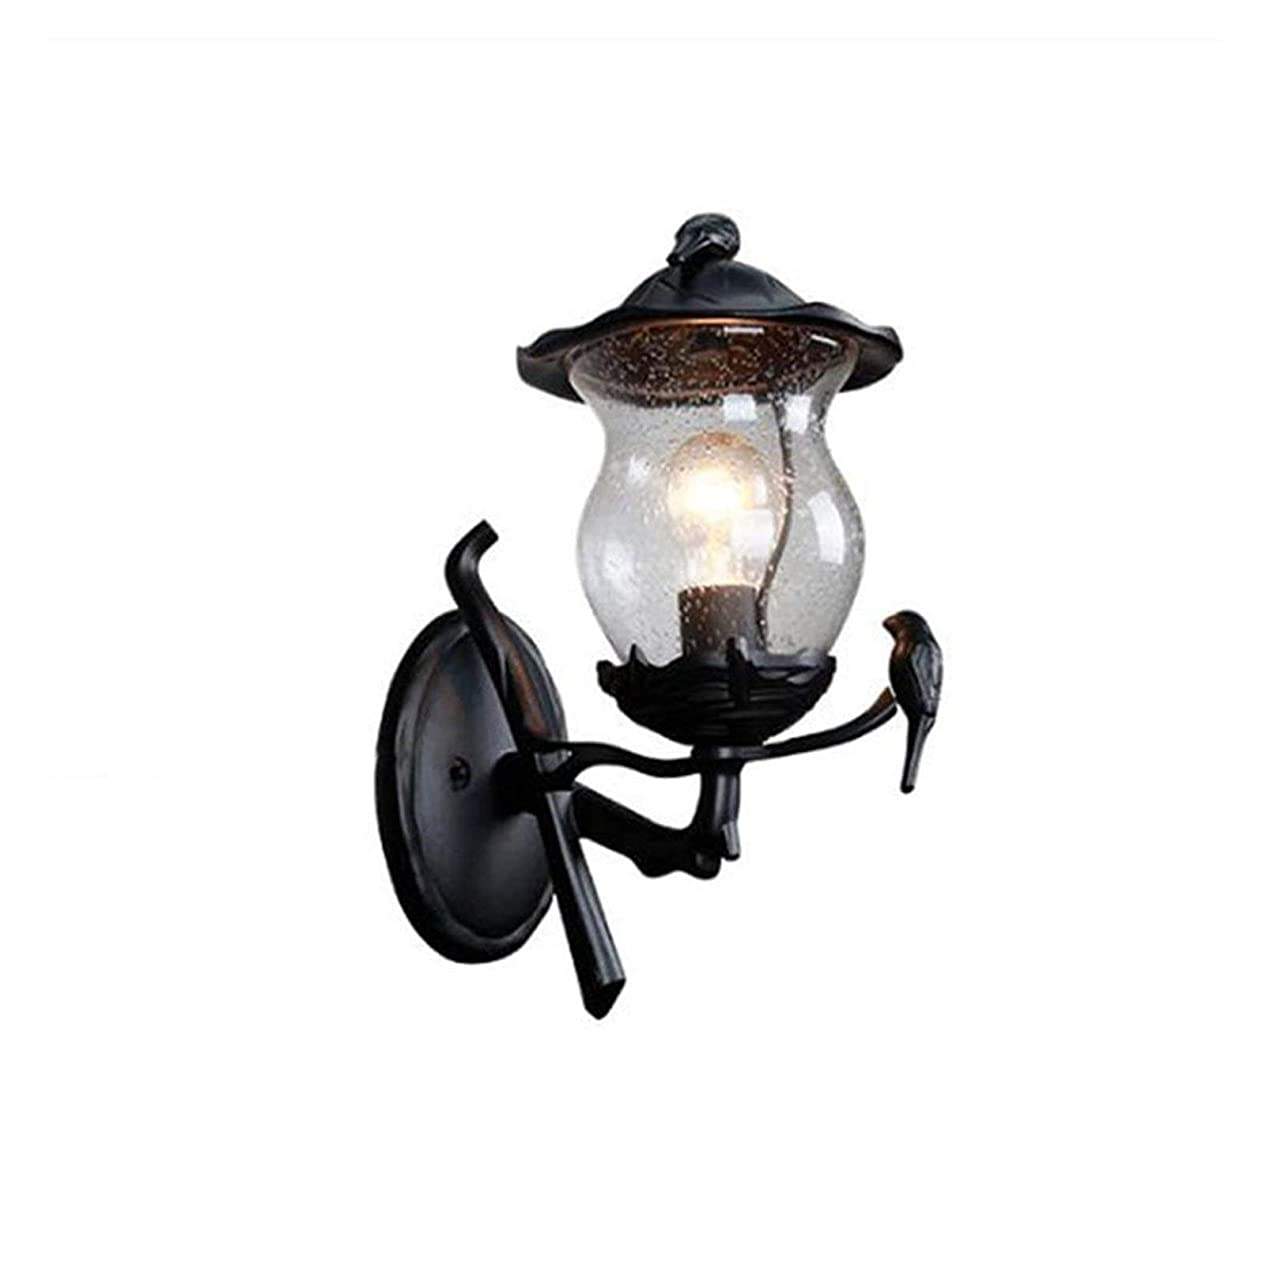 処理分散生まれ耐久性 水滴の装飾ガラスシェードとE27園庭芝生ランプ照明、屋外装飾ポストランプ、フロント/バックドアウォールランタン (Emitting Color : Wall lamp)